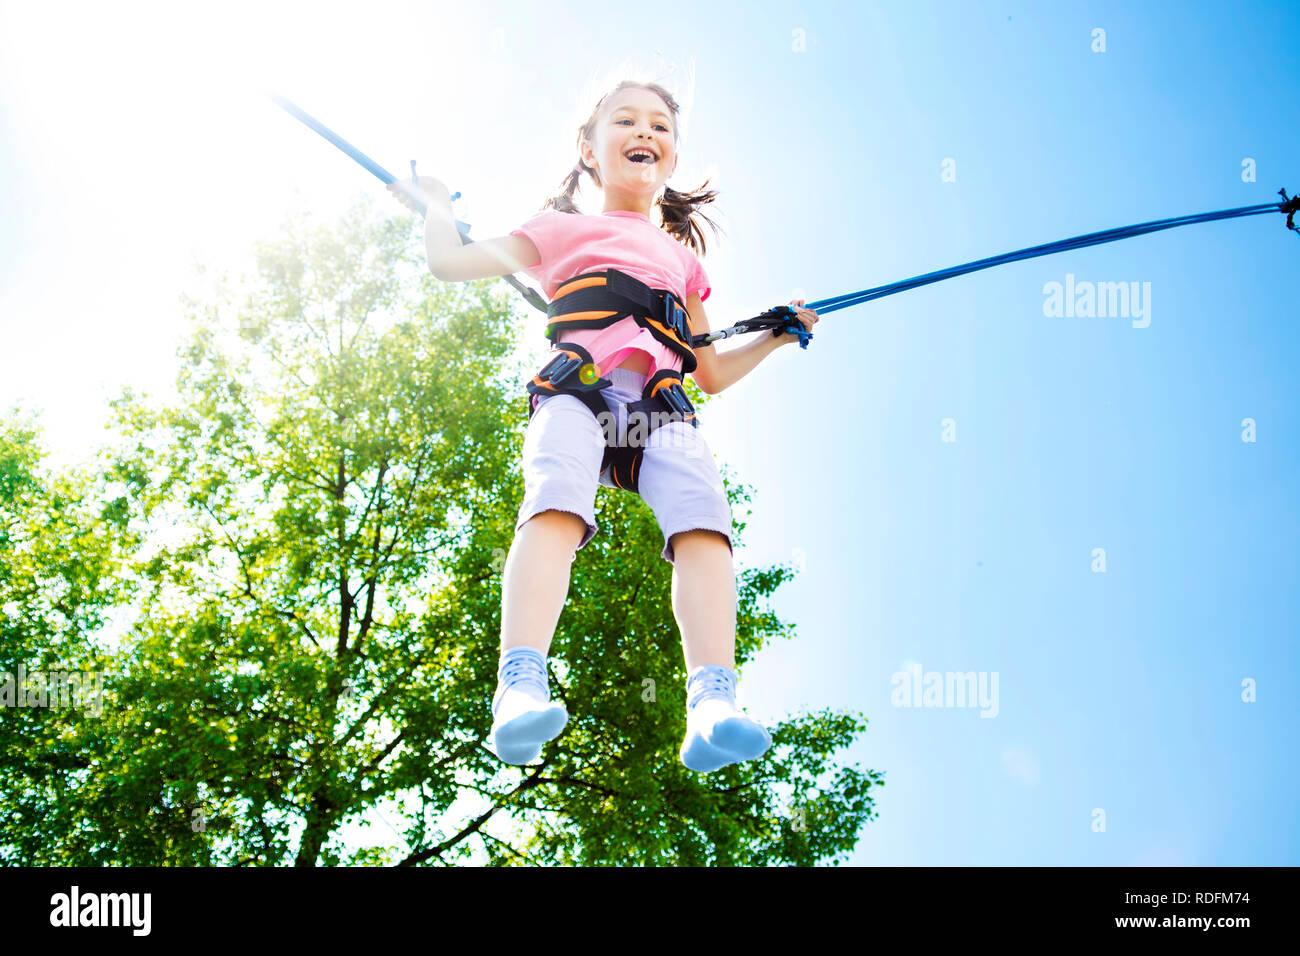 Kleines Mädchen springt hoch in die Luft mit einem Bungee Trampolin. Stockbild